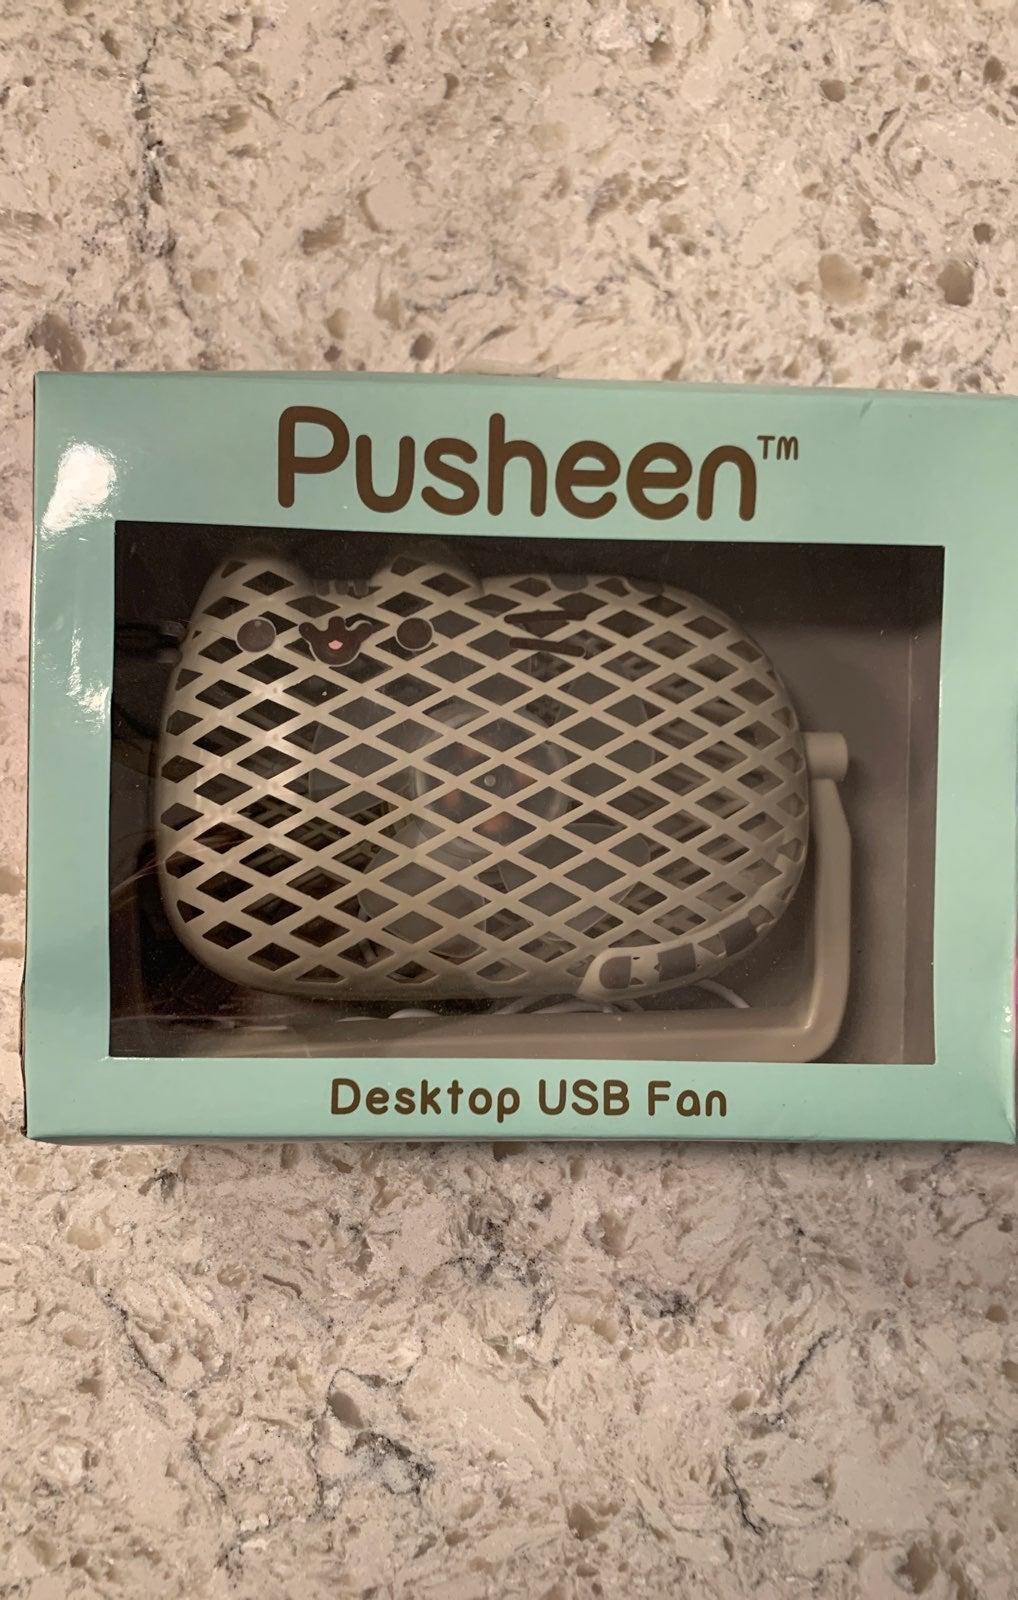 Pusheen desk fan